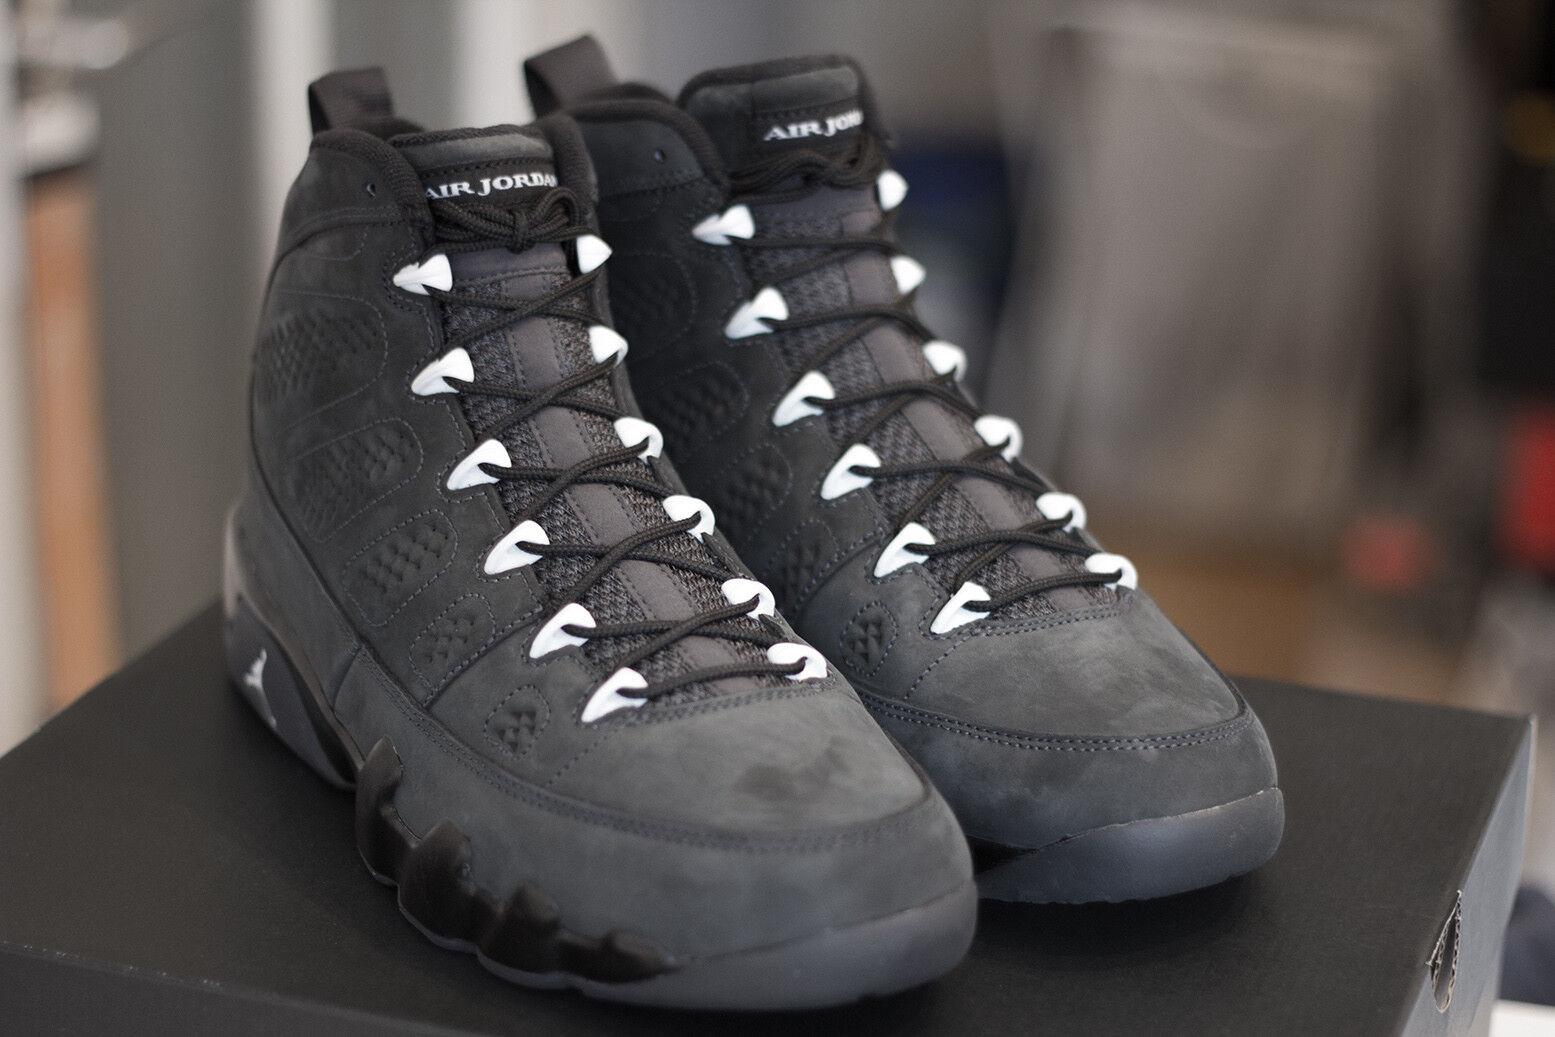 Nike Air Jordan 9 Anthracite Grau Grau 10.5 10 44.5 3 6 5 10 10.5 2 Bin 23 302370 013 ccbc70